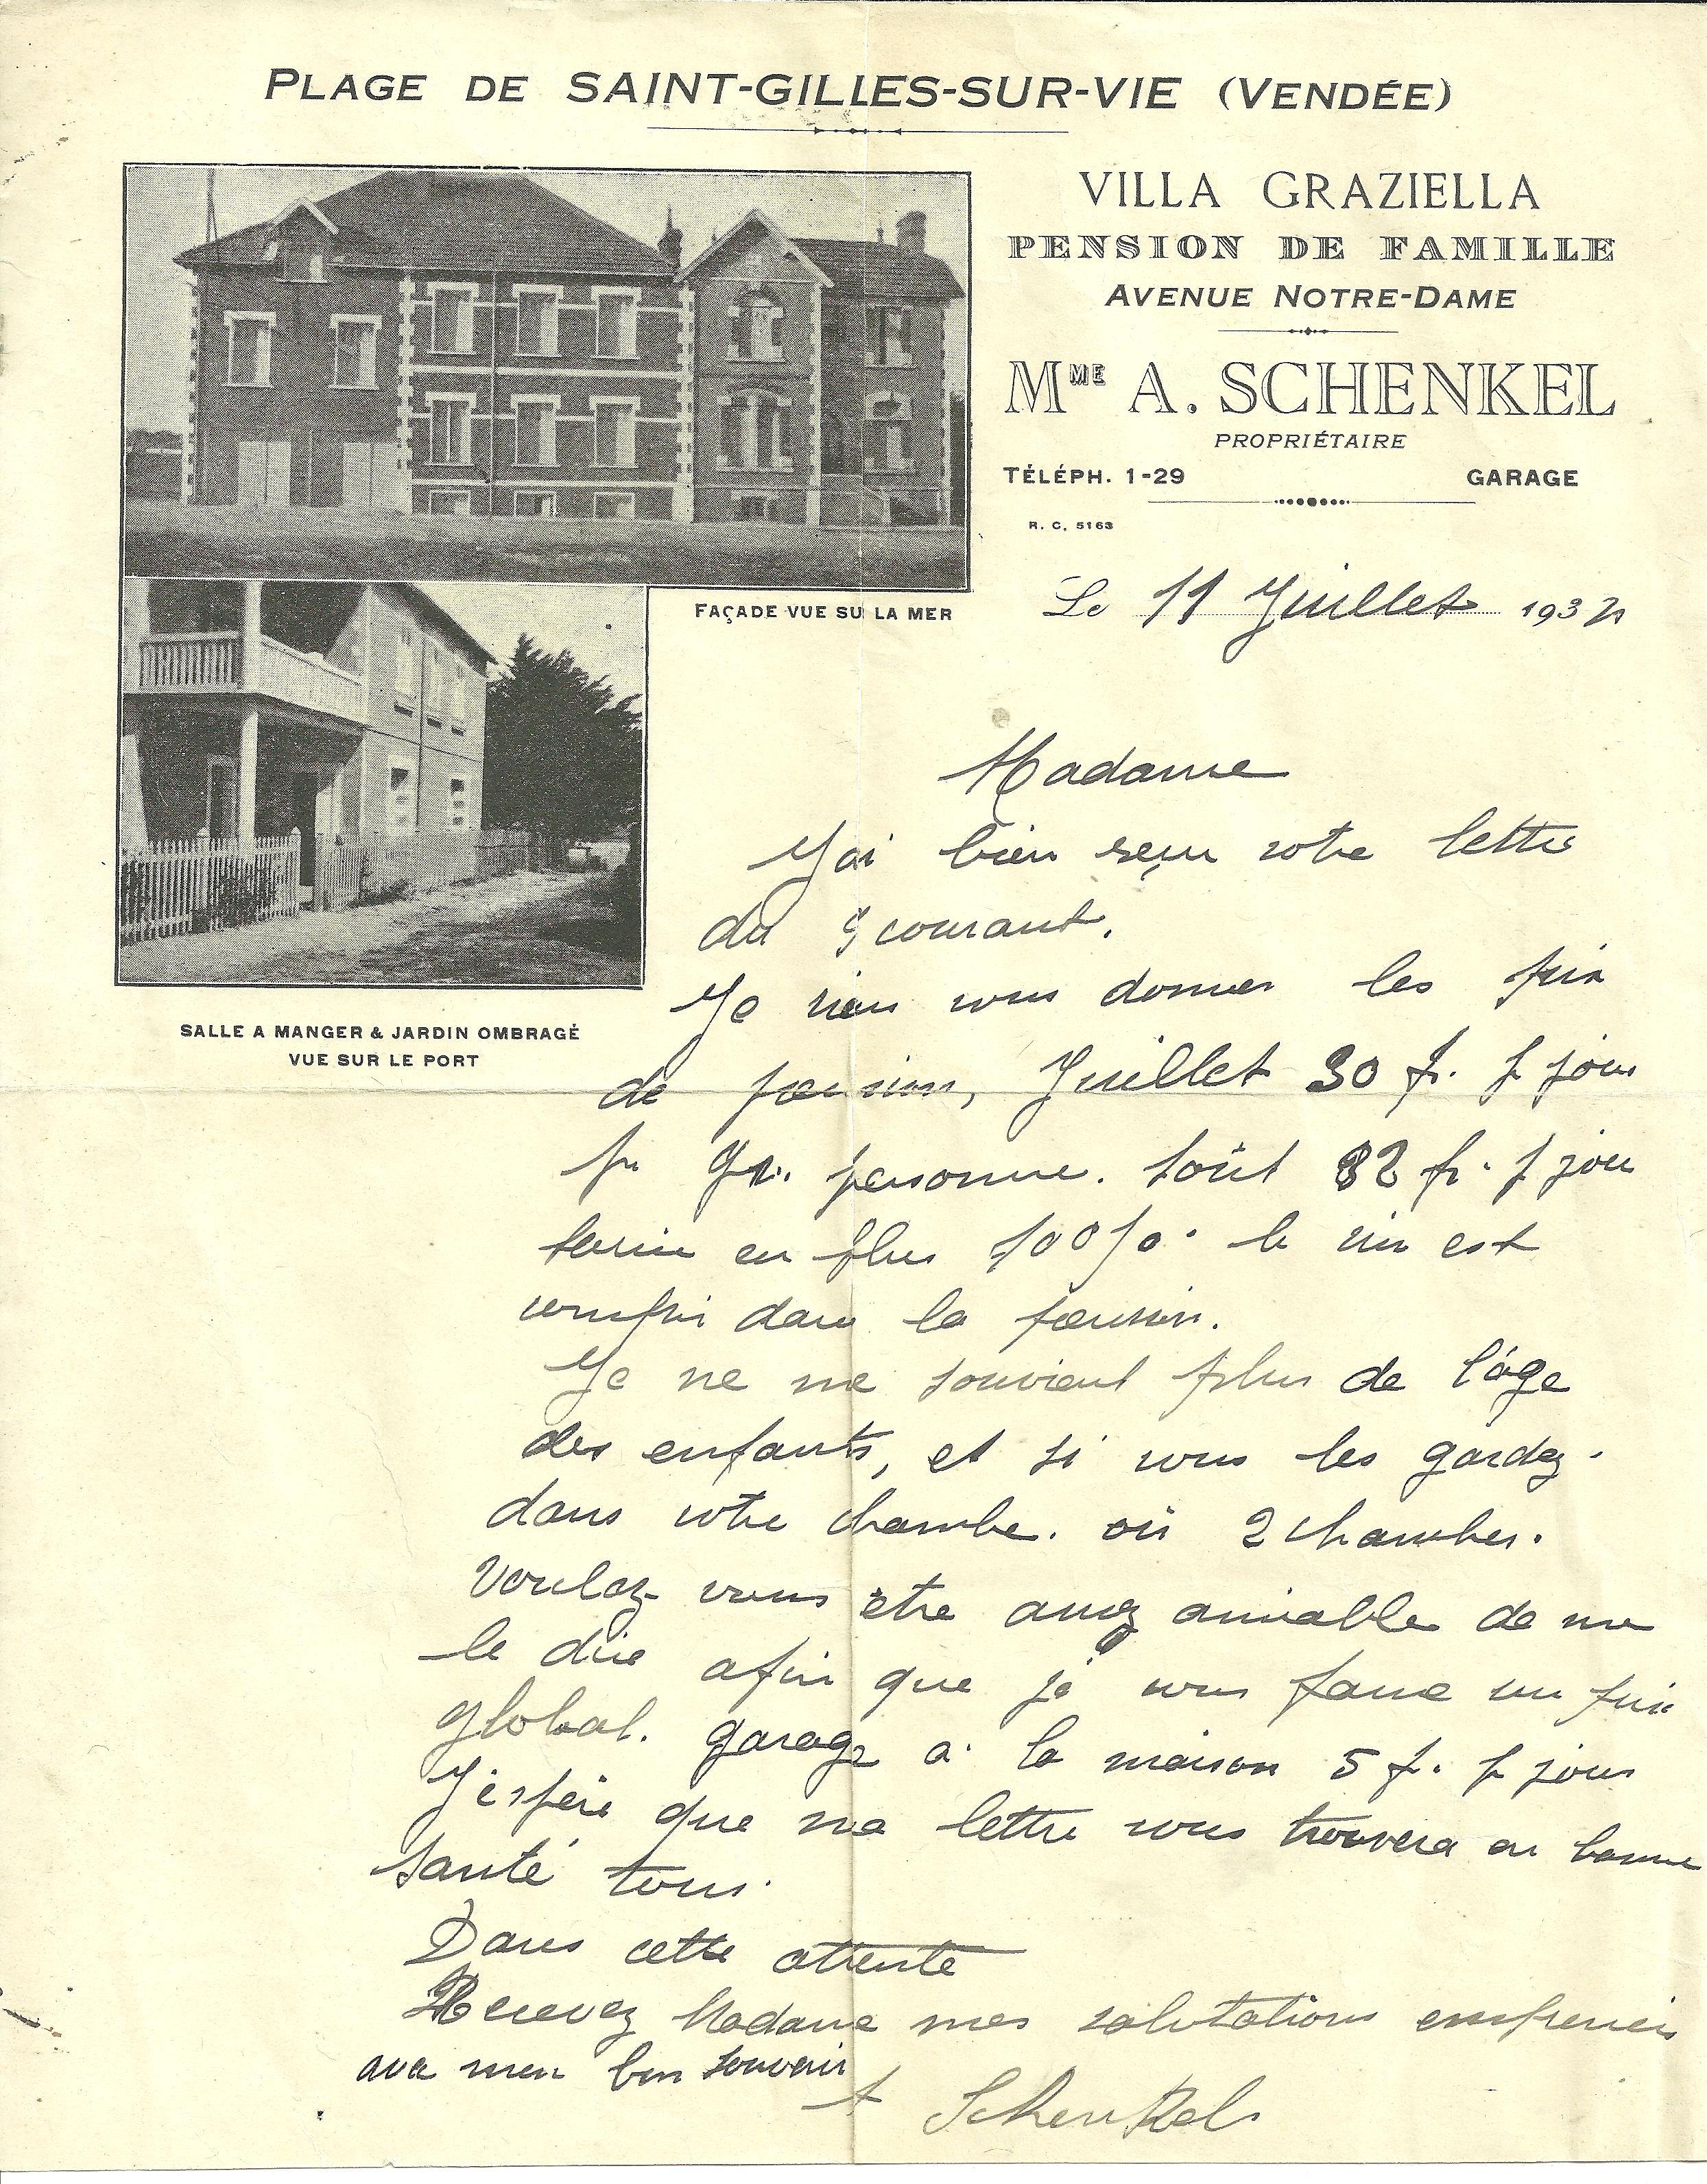 Villa Graziella Mme Schenkel (2)